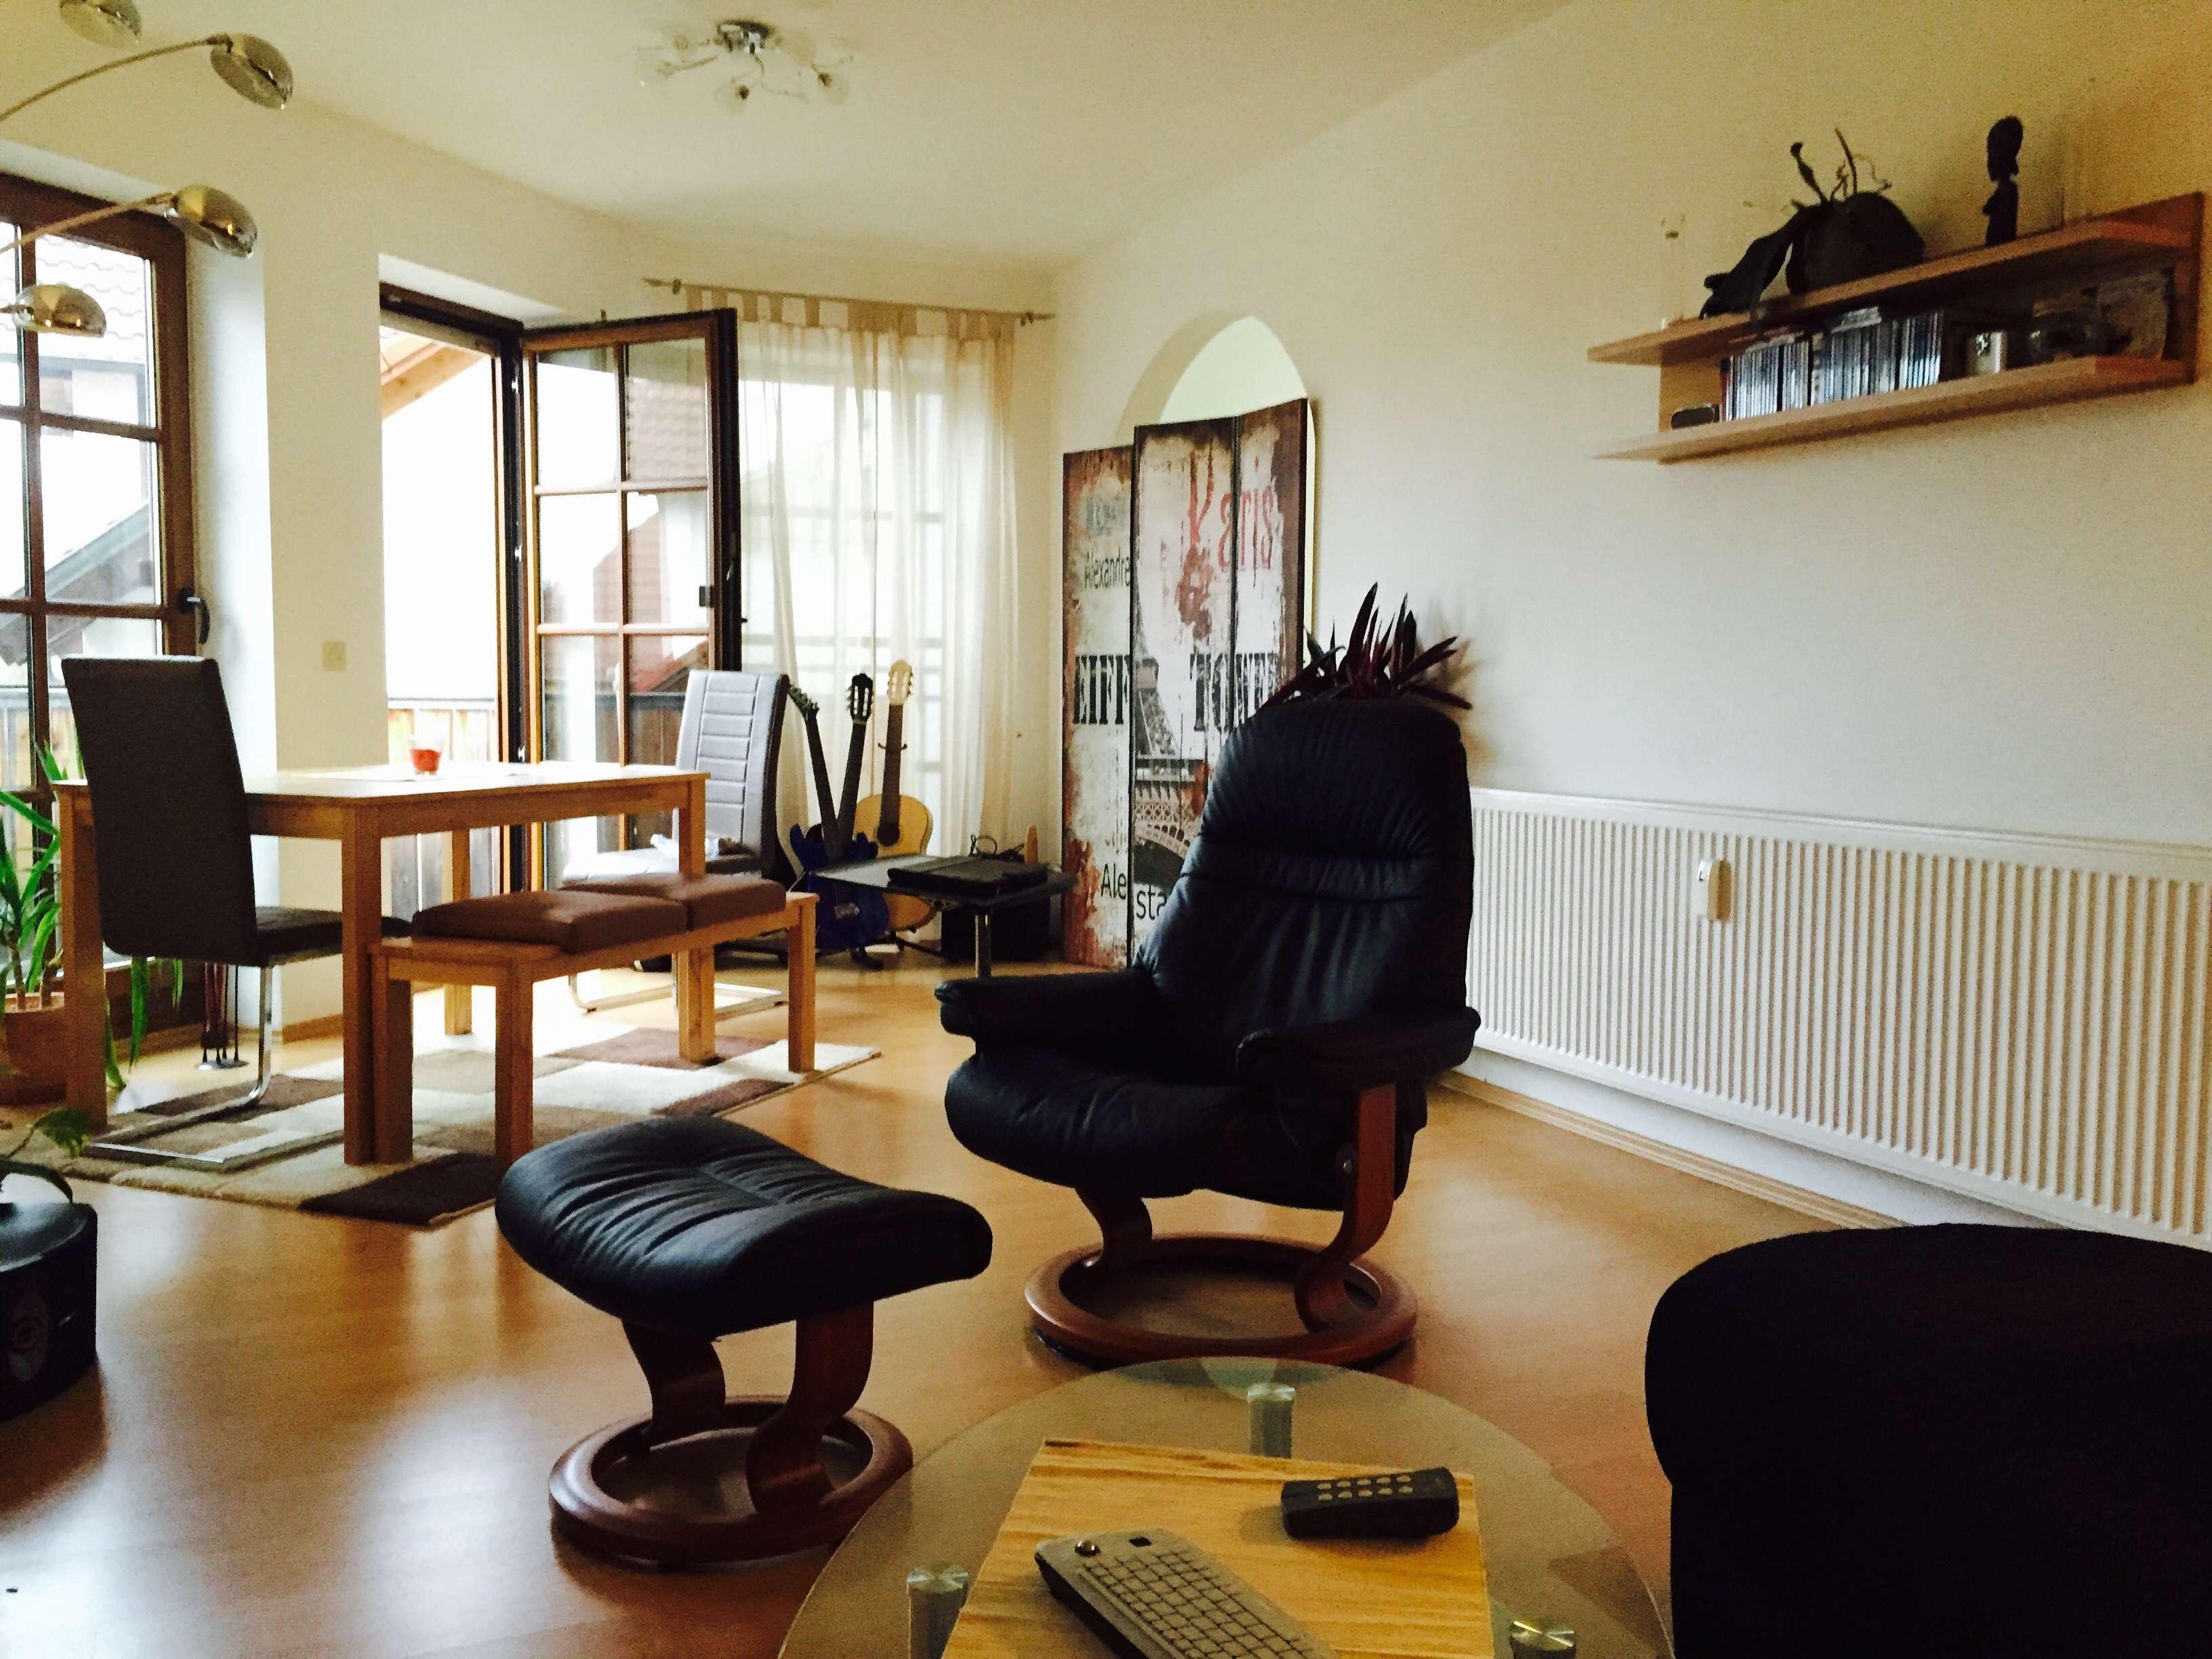 Exklusives Apartment, vollmöbliert mit SW-Balkon nähe Auwaldsee in Südost (Ingolstadt)